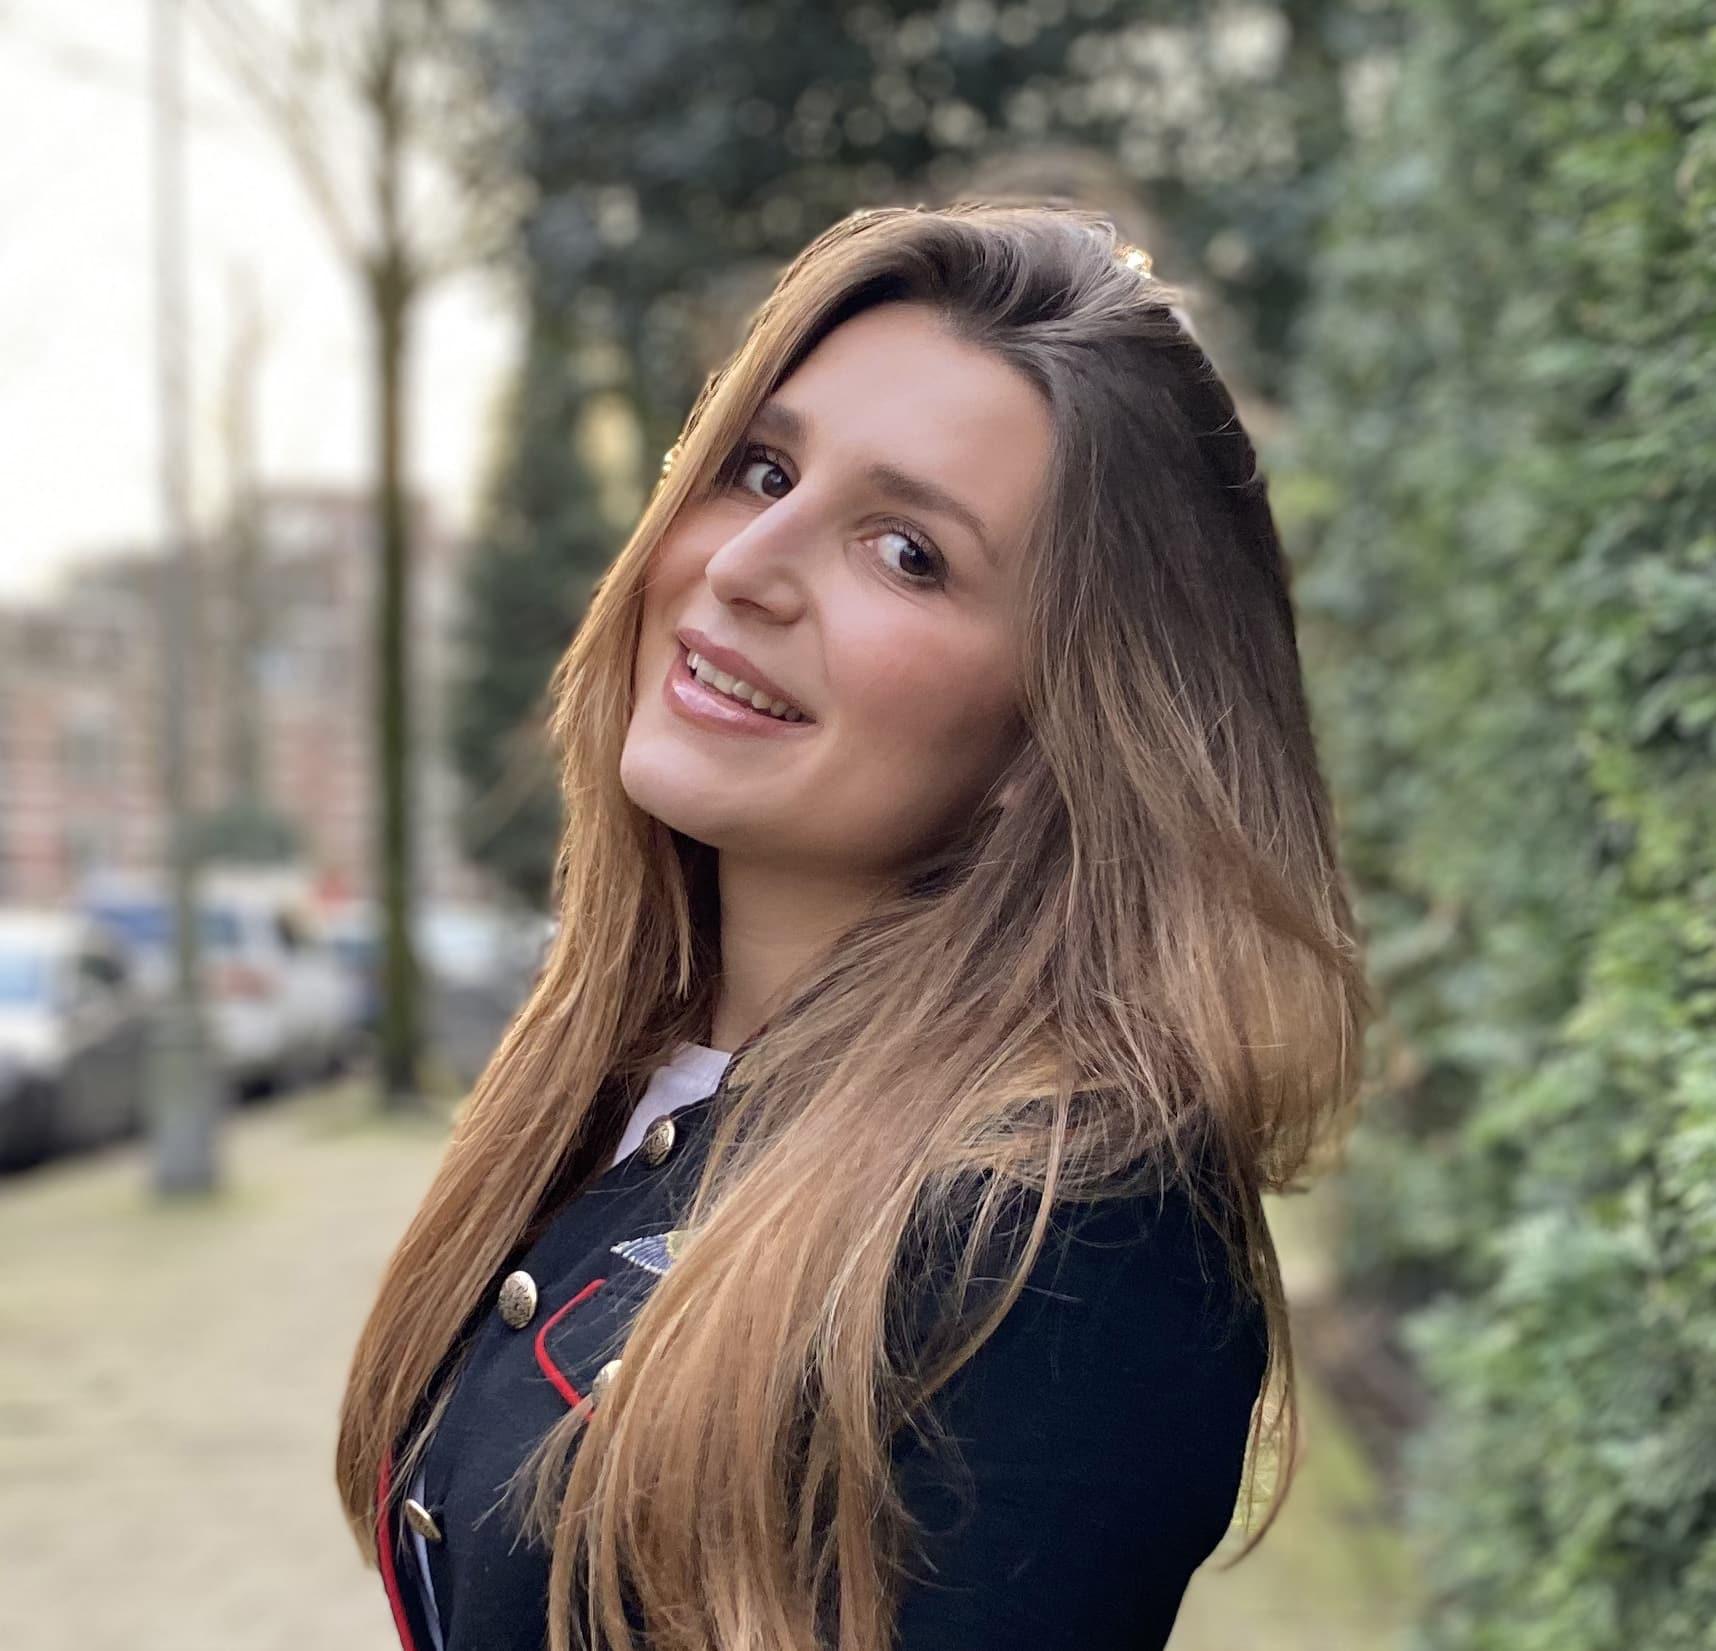 MELDA KANATLARLI